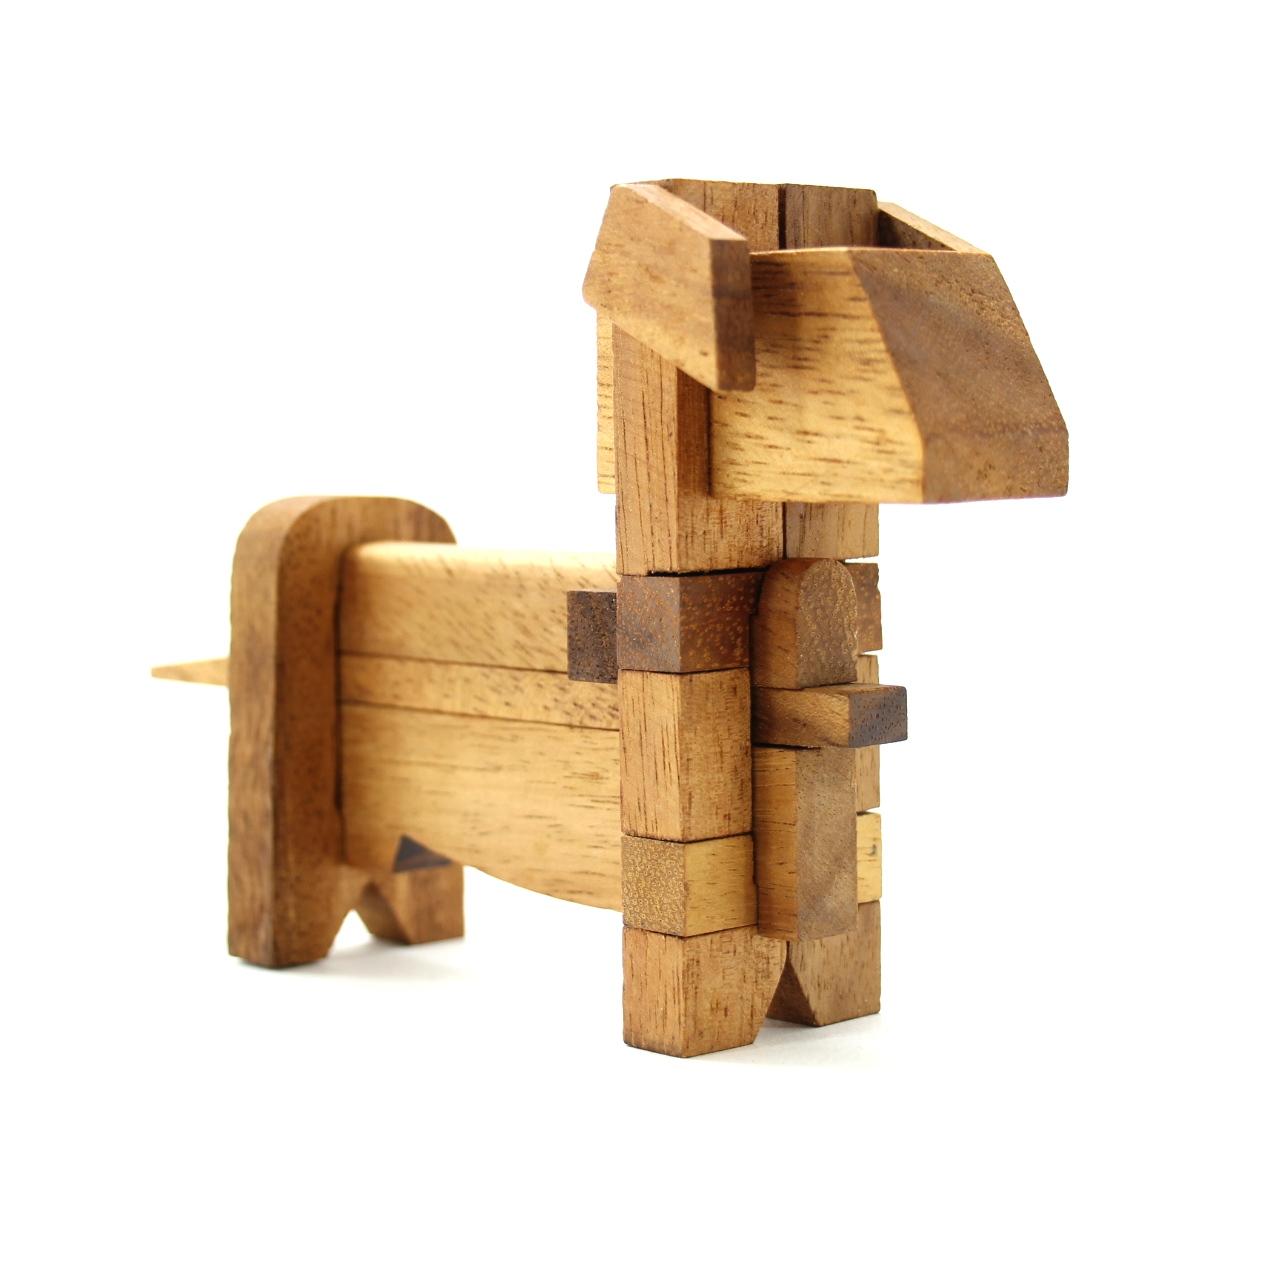 สุนัขแสนเชื่อง ของเล่นเสริมพัฒนาการ ของเล่นสร้างความเพลิดเพลิน